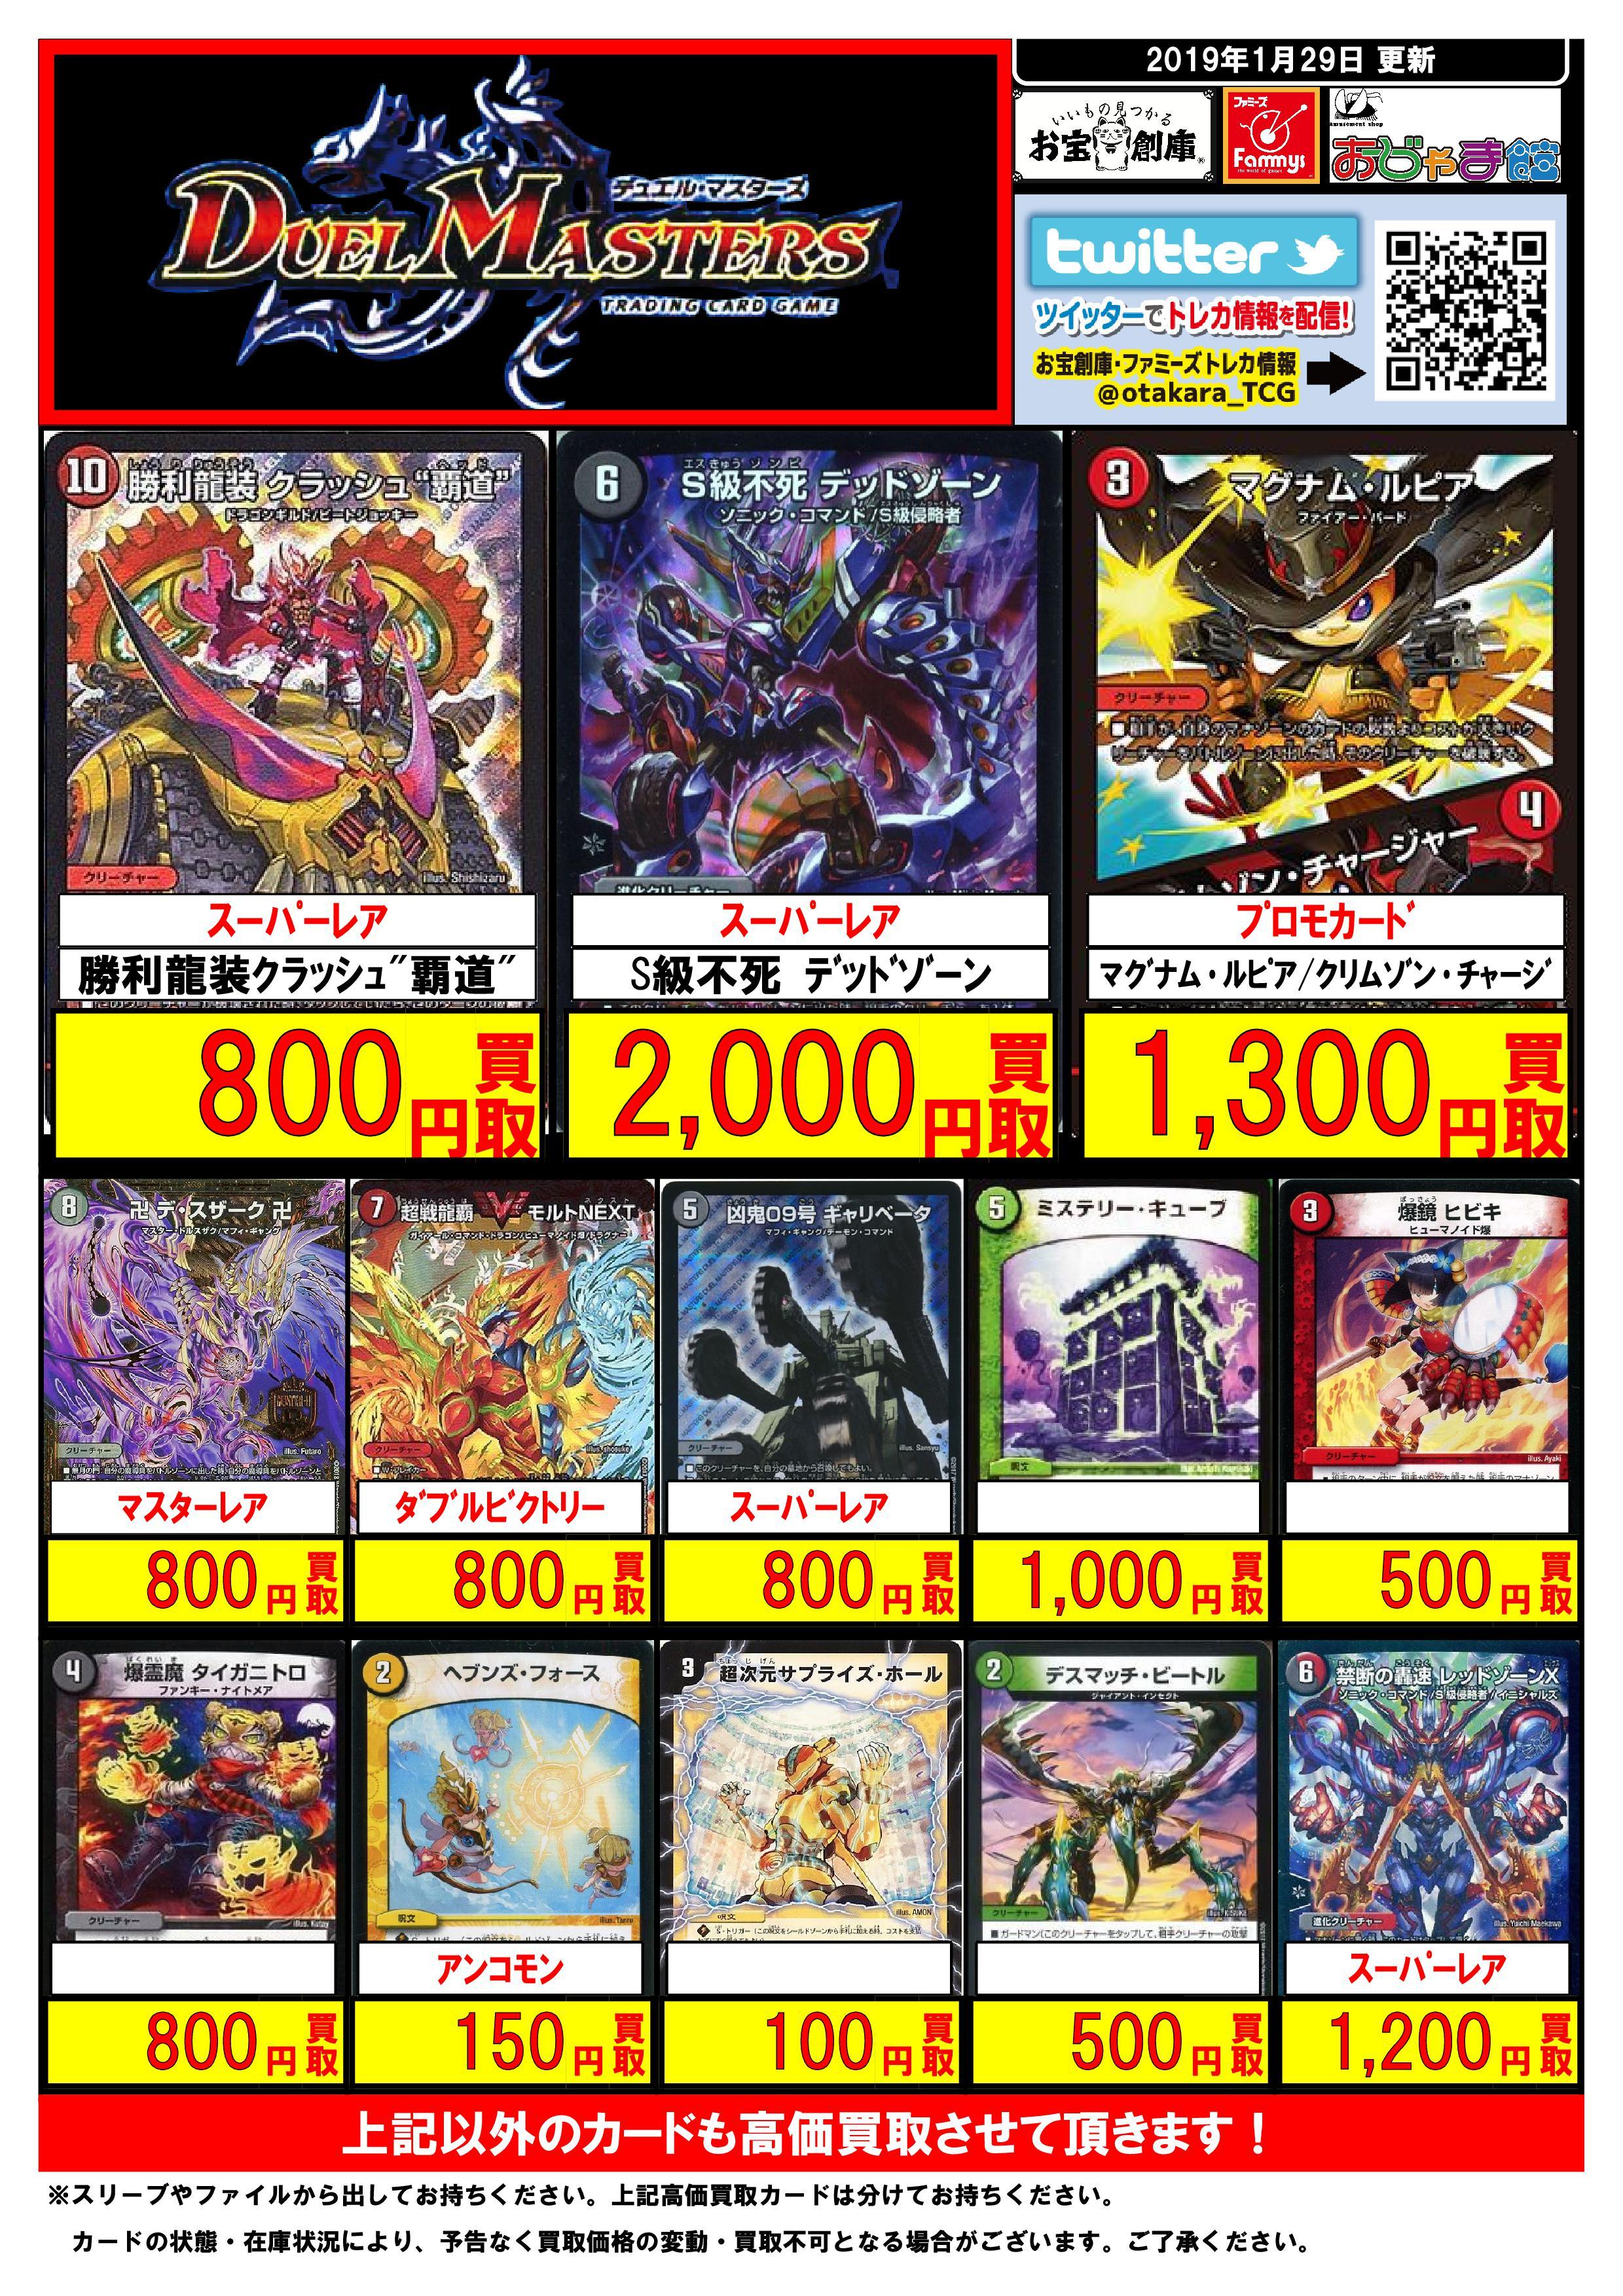 『デュエルマスターズ』高価買取カード一覧!!【 #メディオ!沖新 】